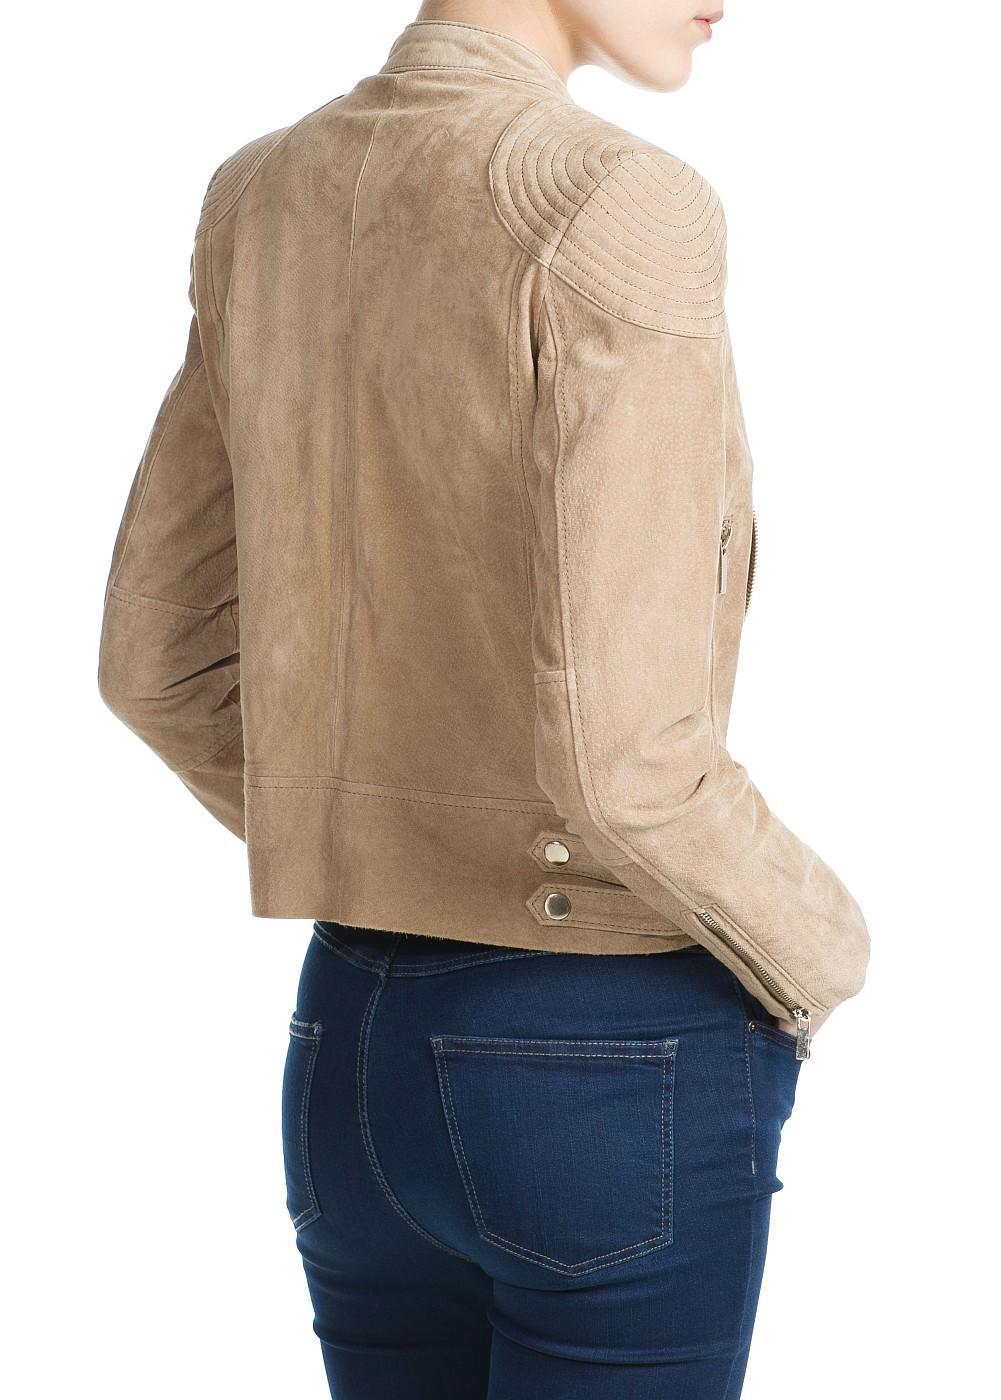 Peccary biker jacket -  Jackets - Women - MANGO